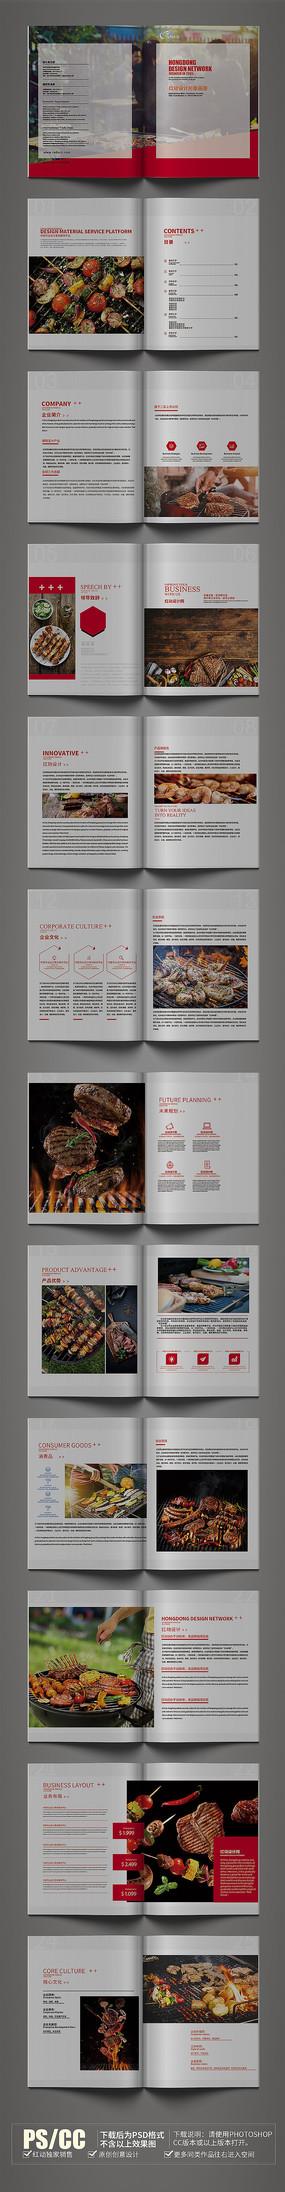 烧烤画册设计模板